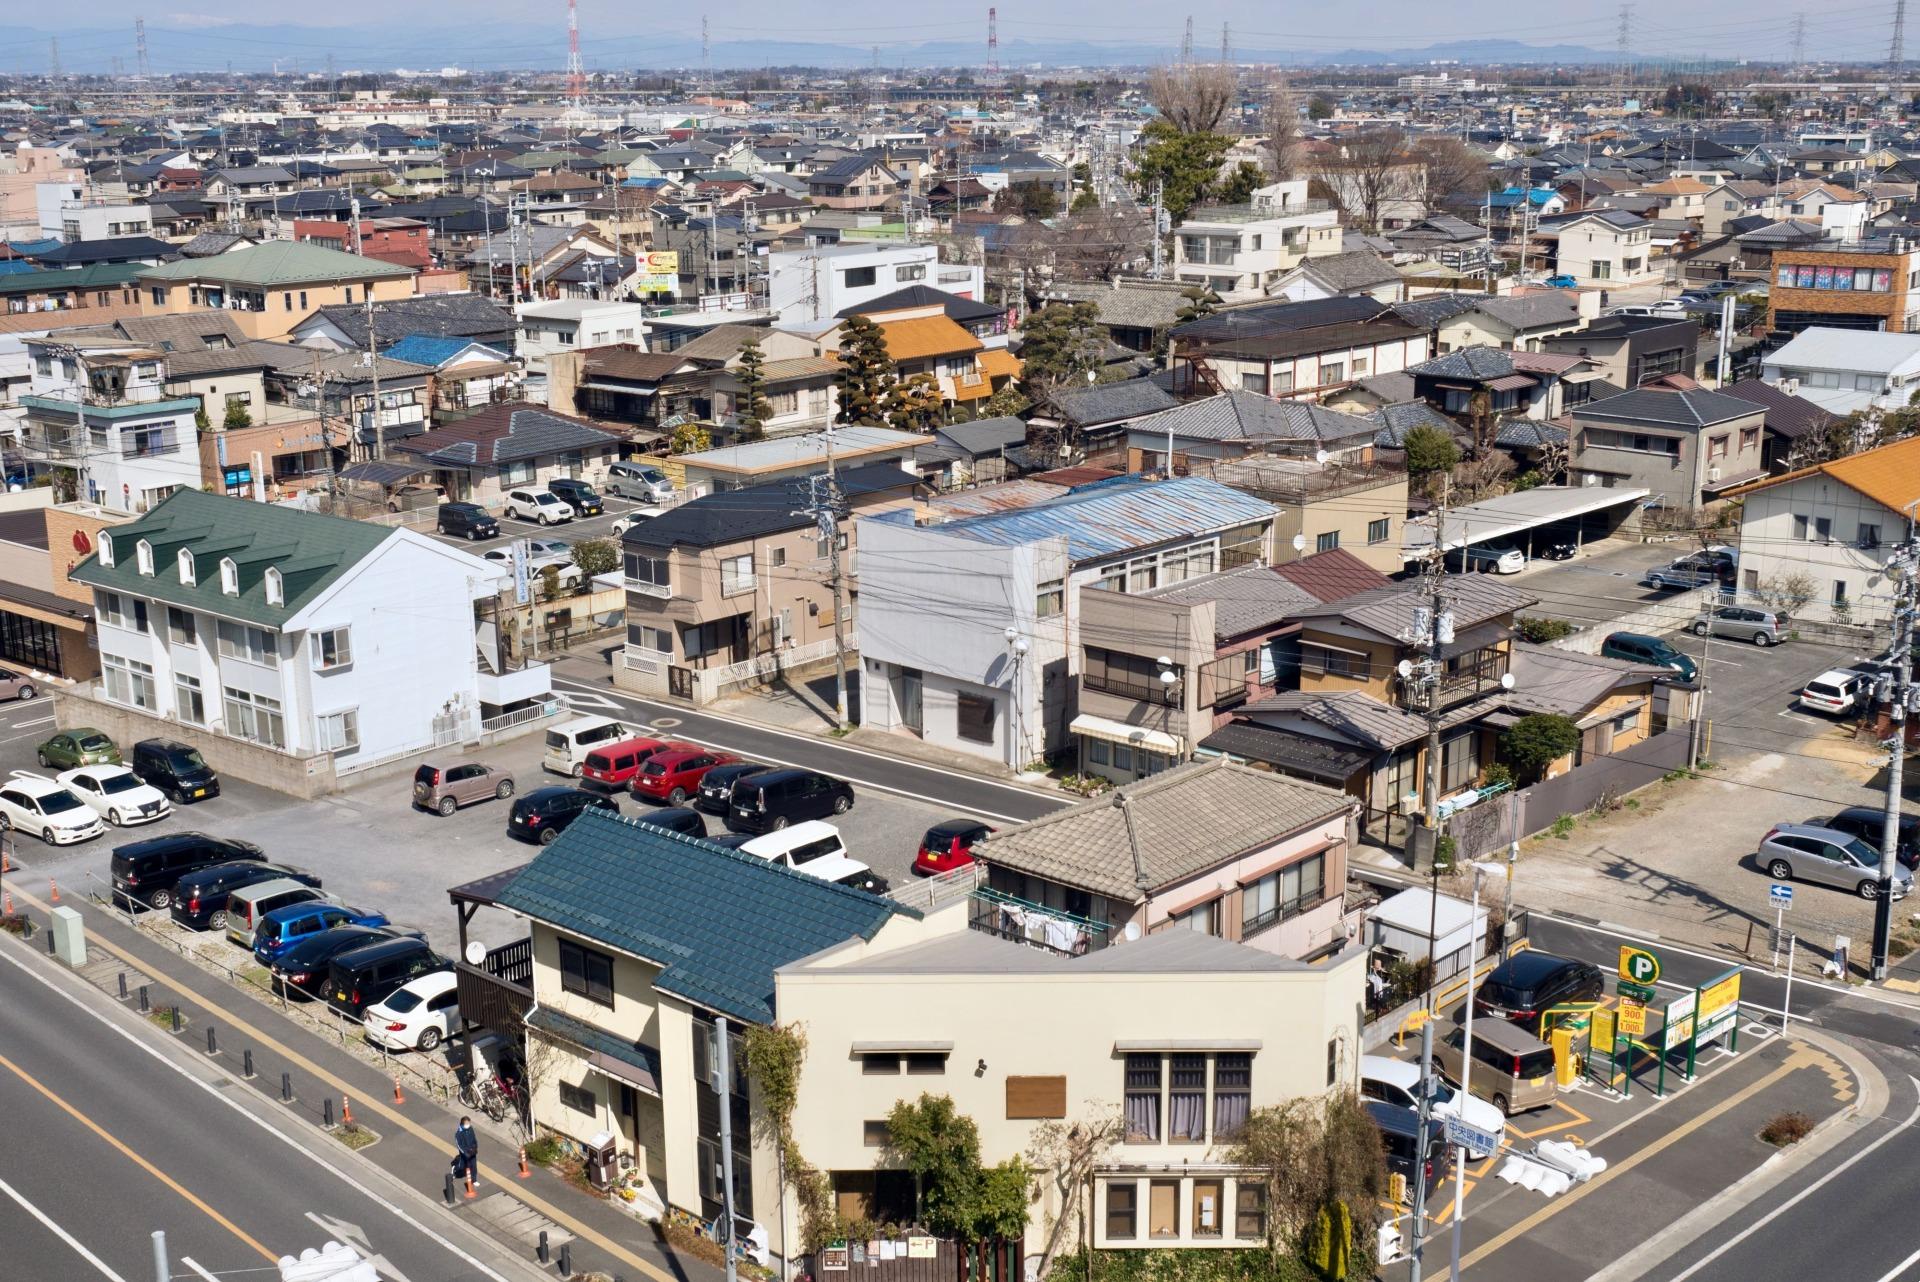 元気村グループの沿革――「地域に恩返ししたい」という思いを原点に